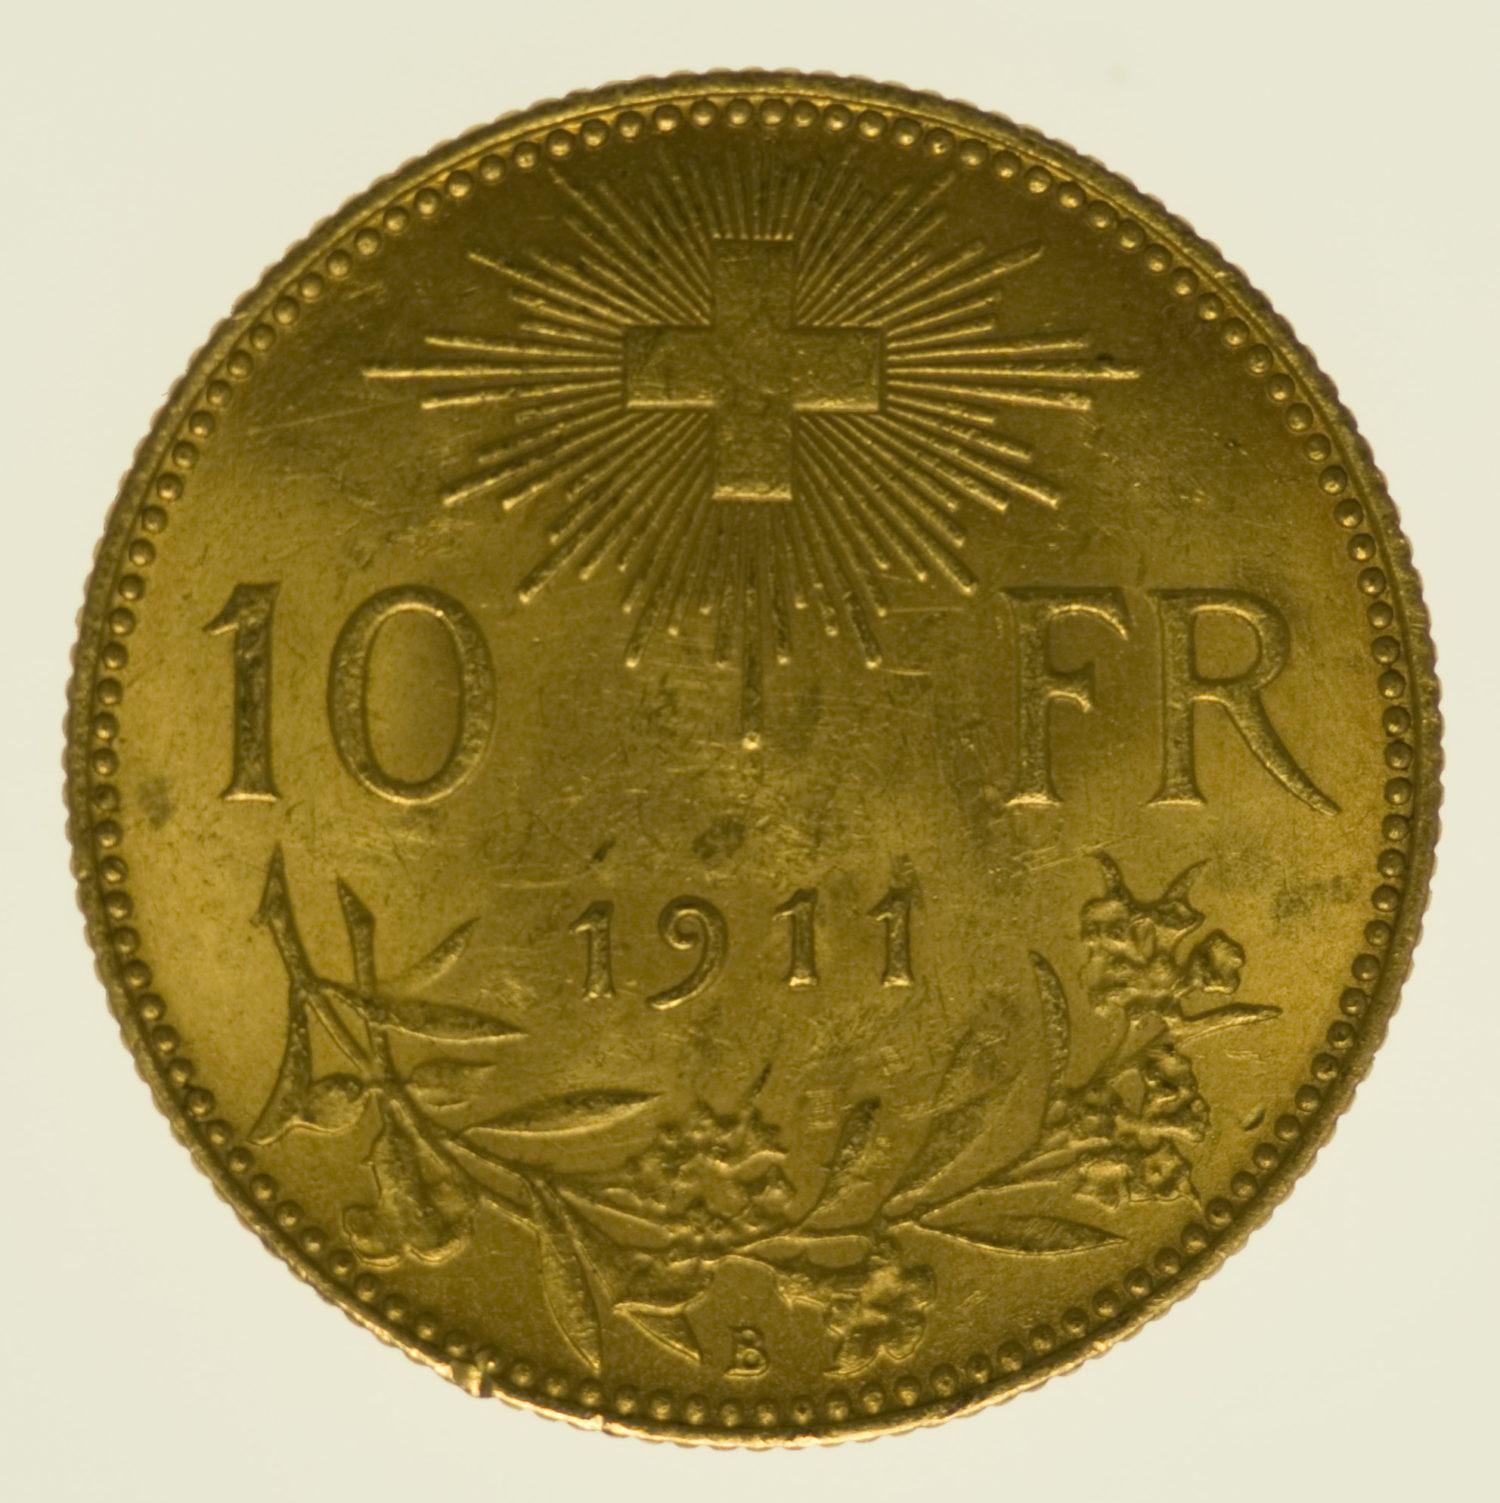 schweiz - Schweiz 10 Franken 1911 Vreneli